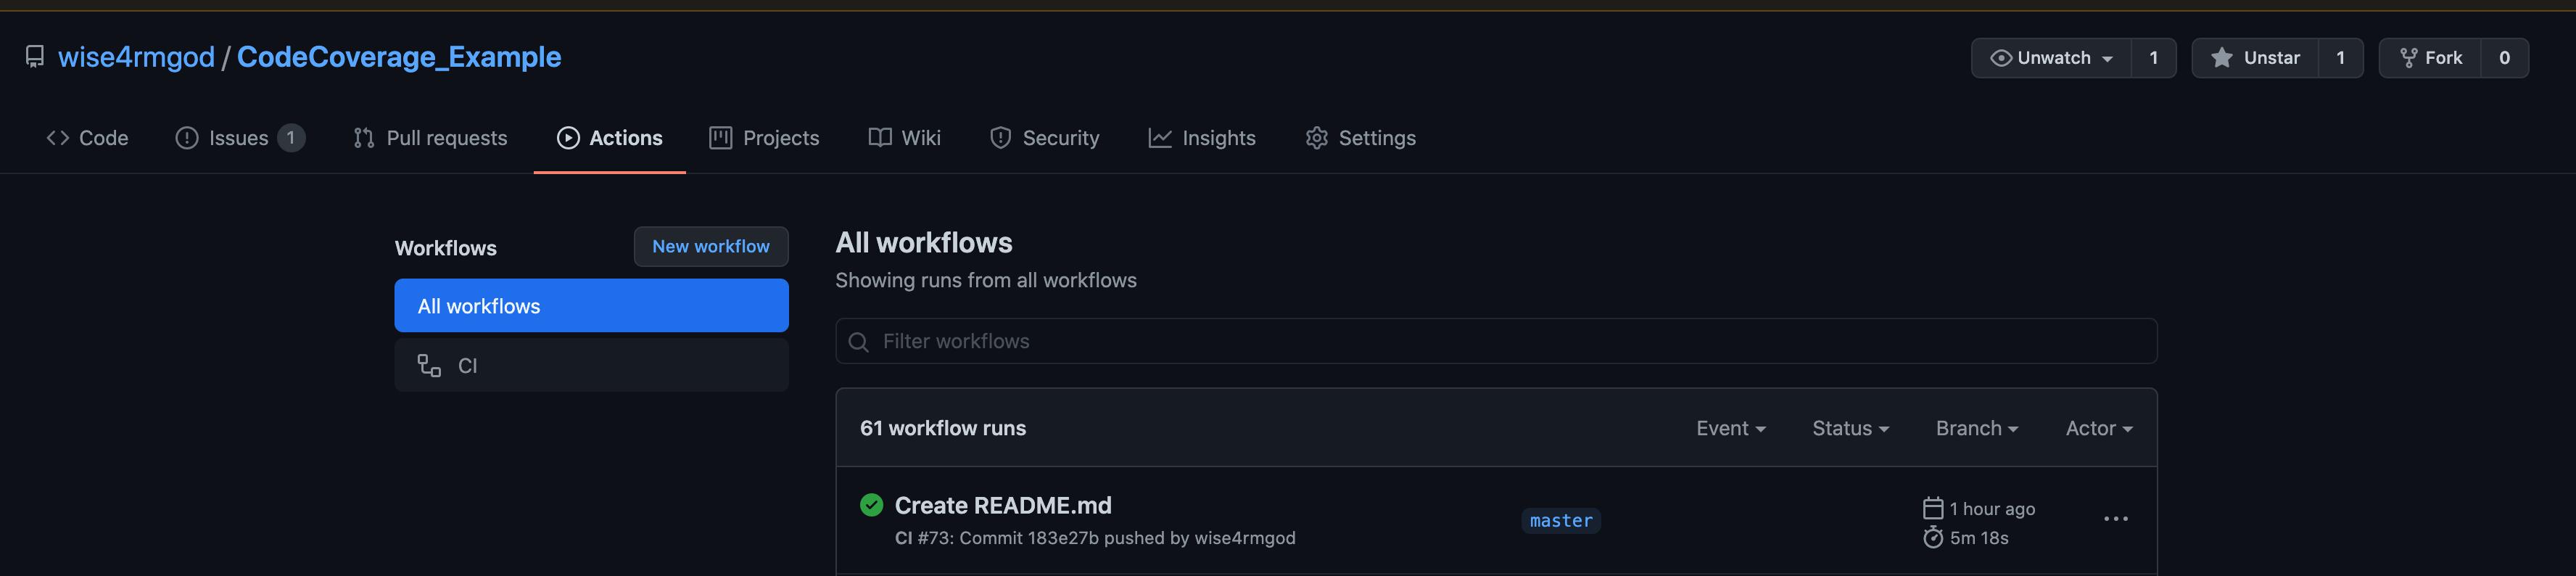 All workflow runs